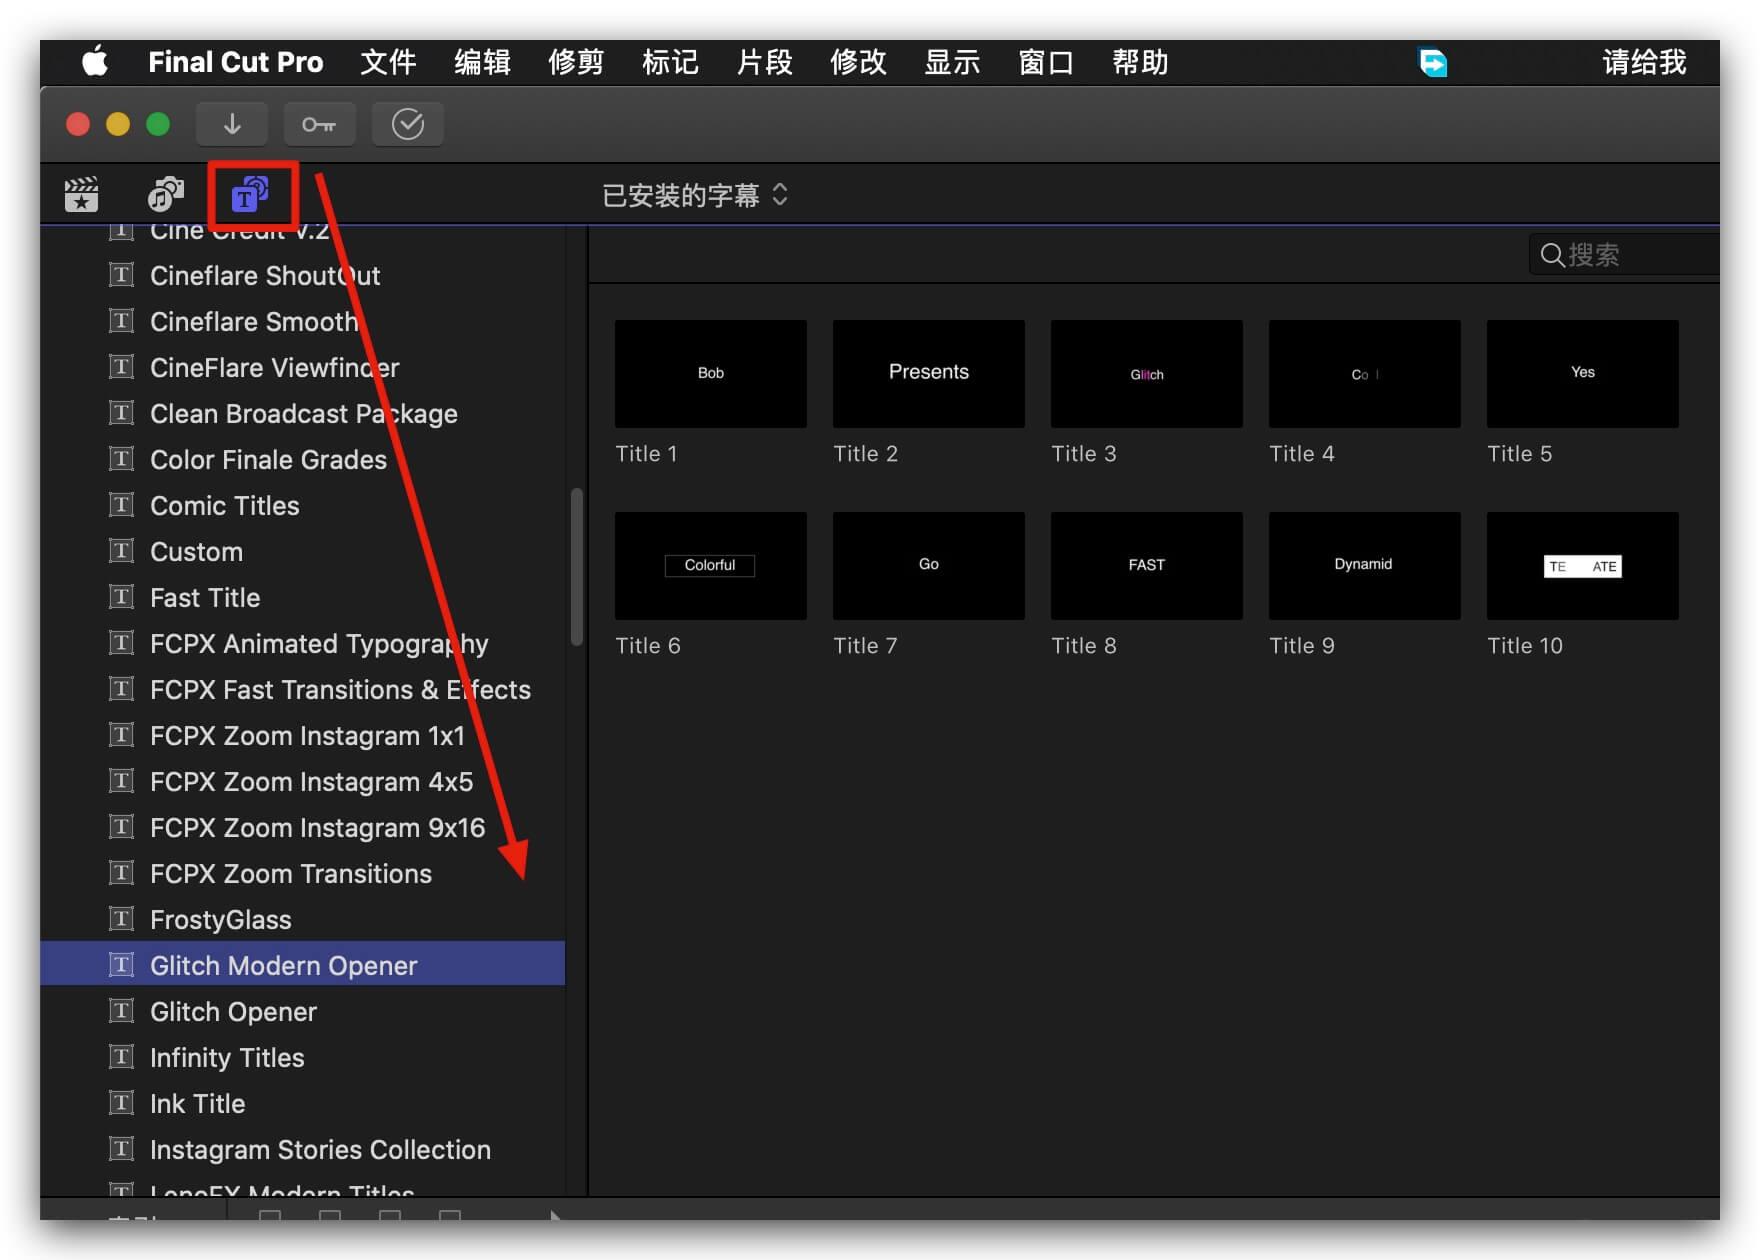 FCPX主题插件 抖音故障干扰旧电影风格片头模板 Glitch Modern Opener